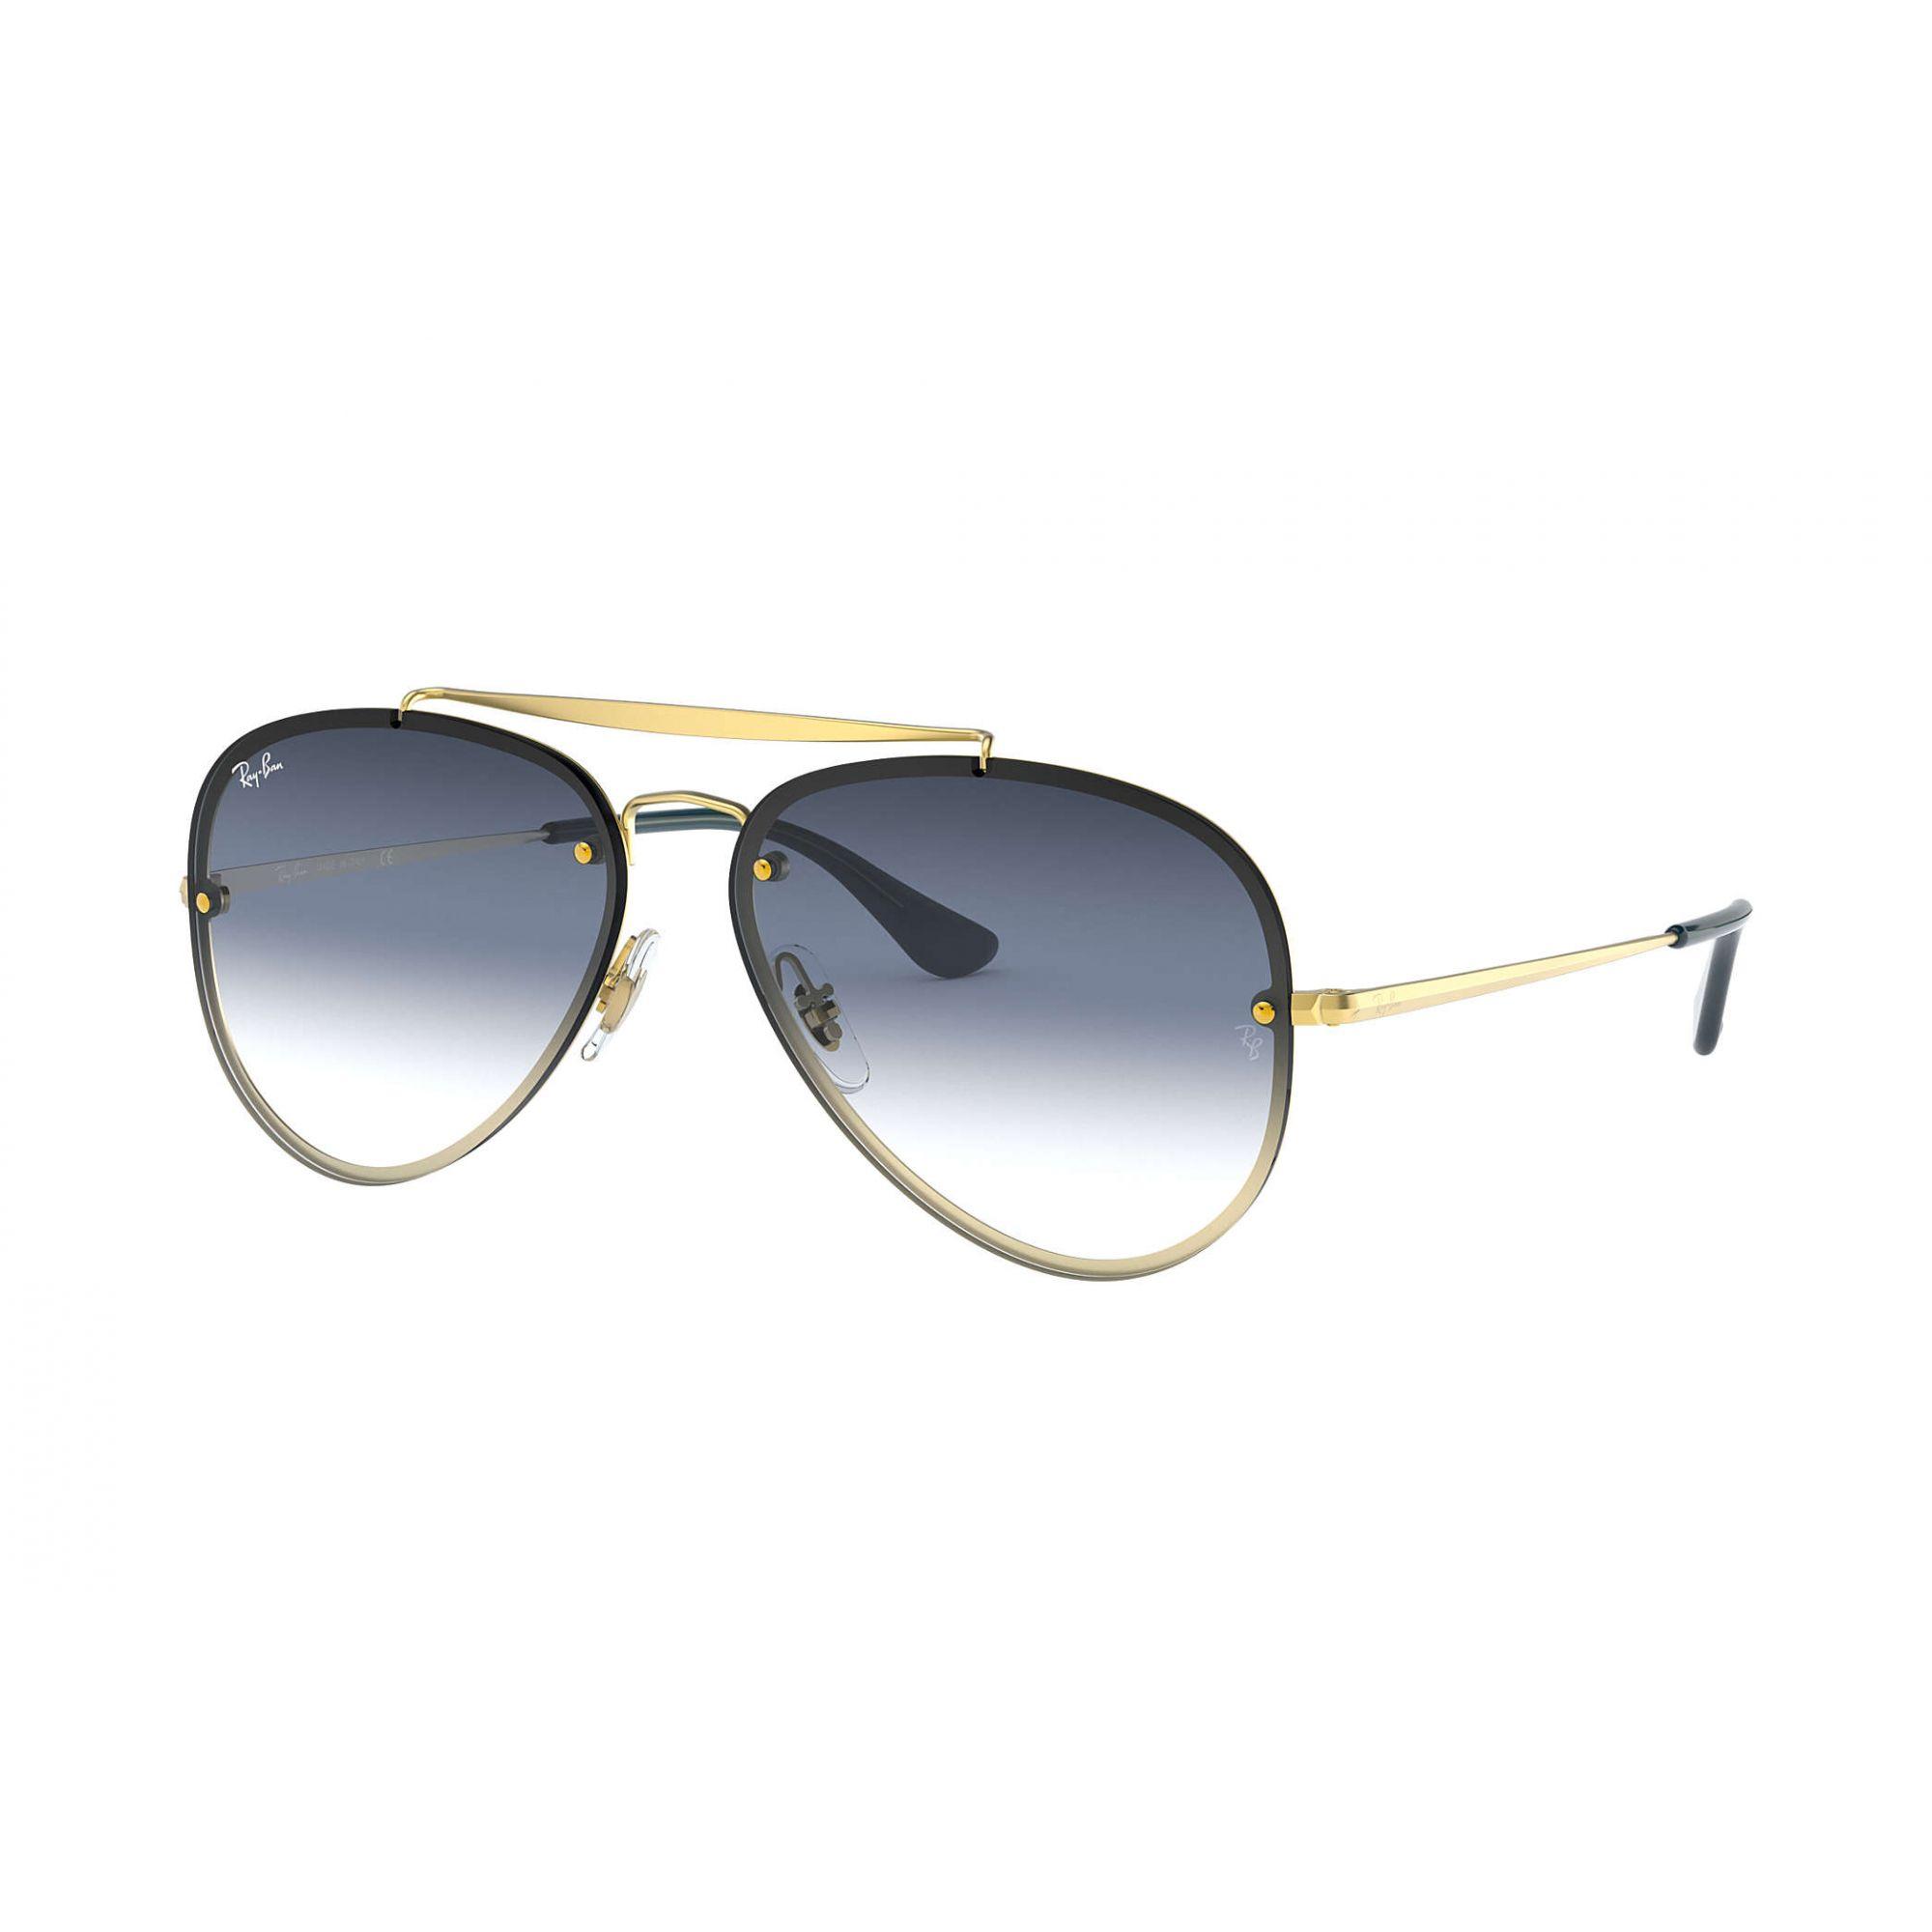 Ray Ban - RB3548N 91400S - Óculos de sol